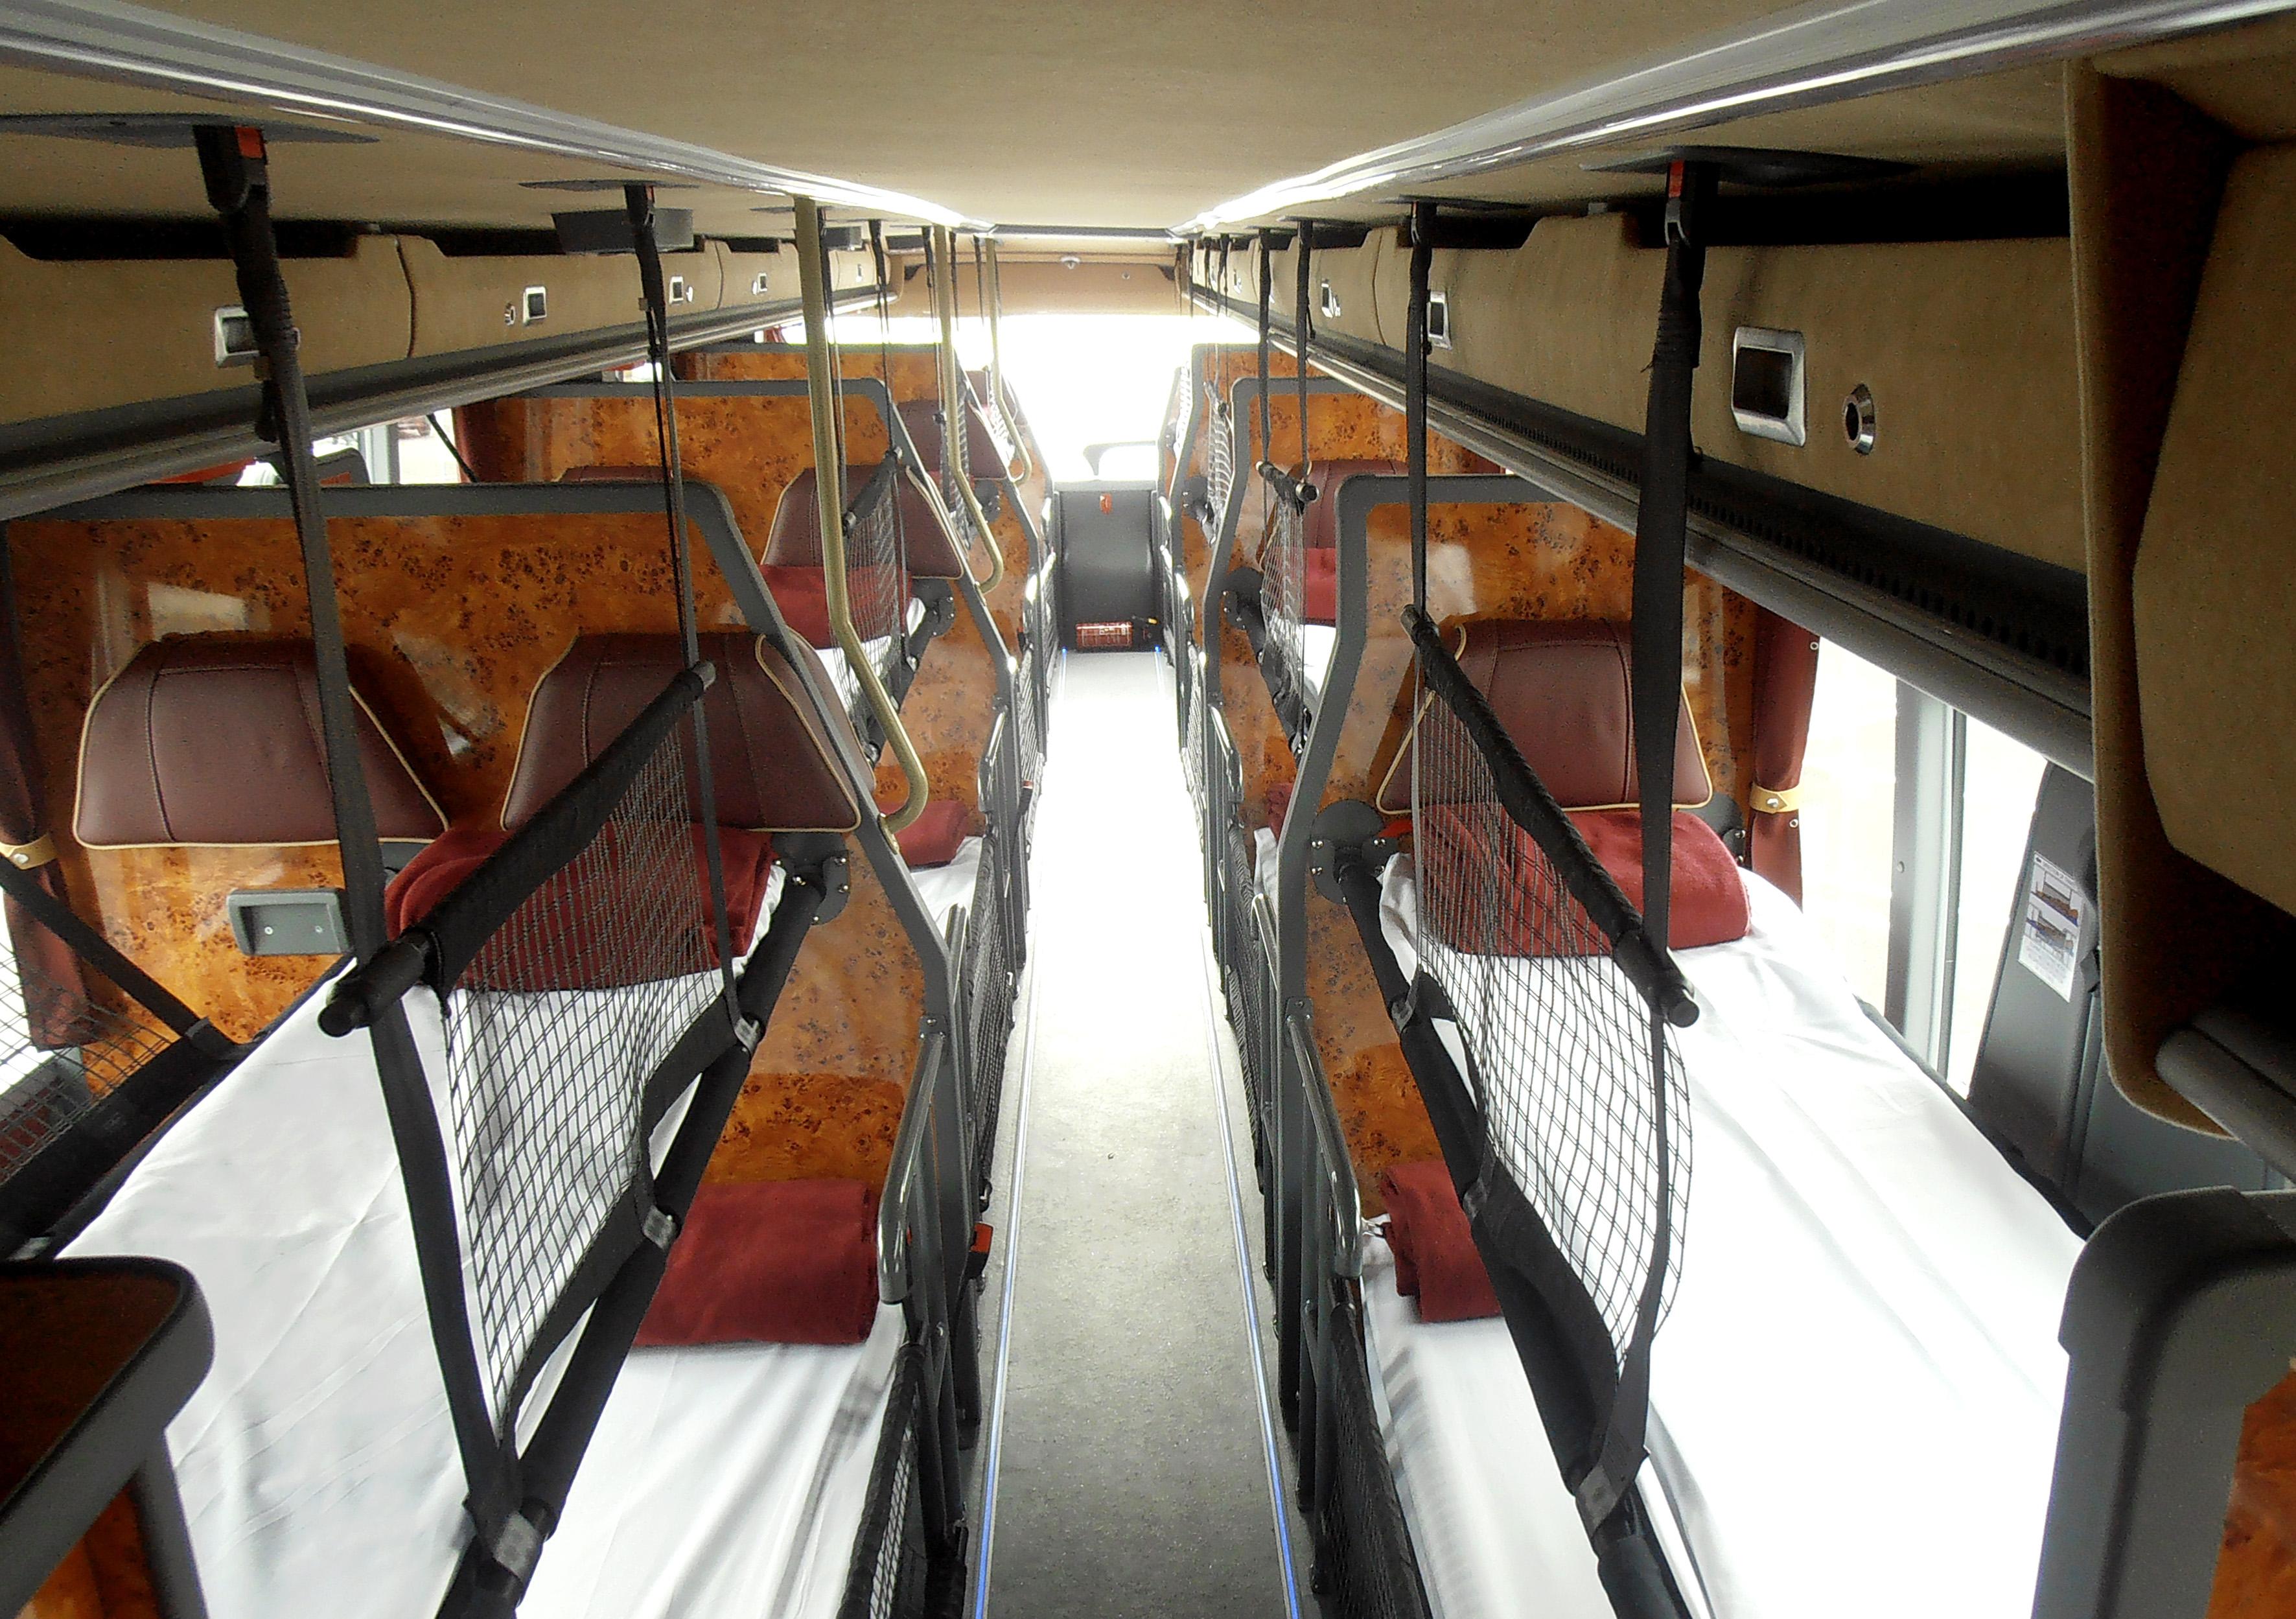 Megabus Sleeper | Swolekreatine.com